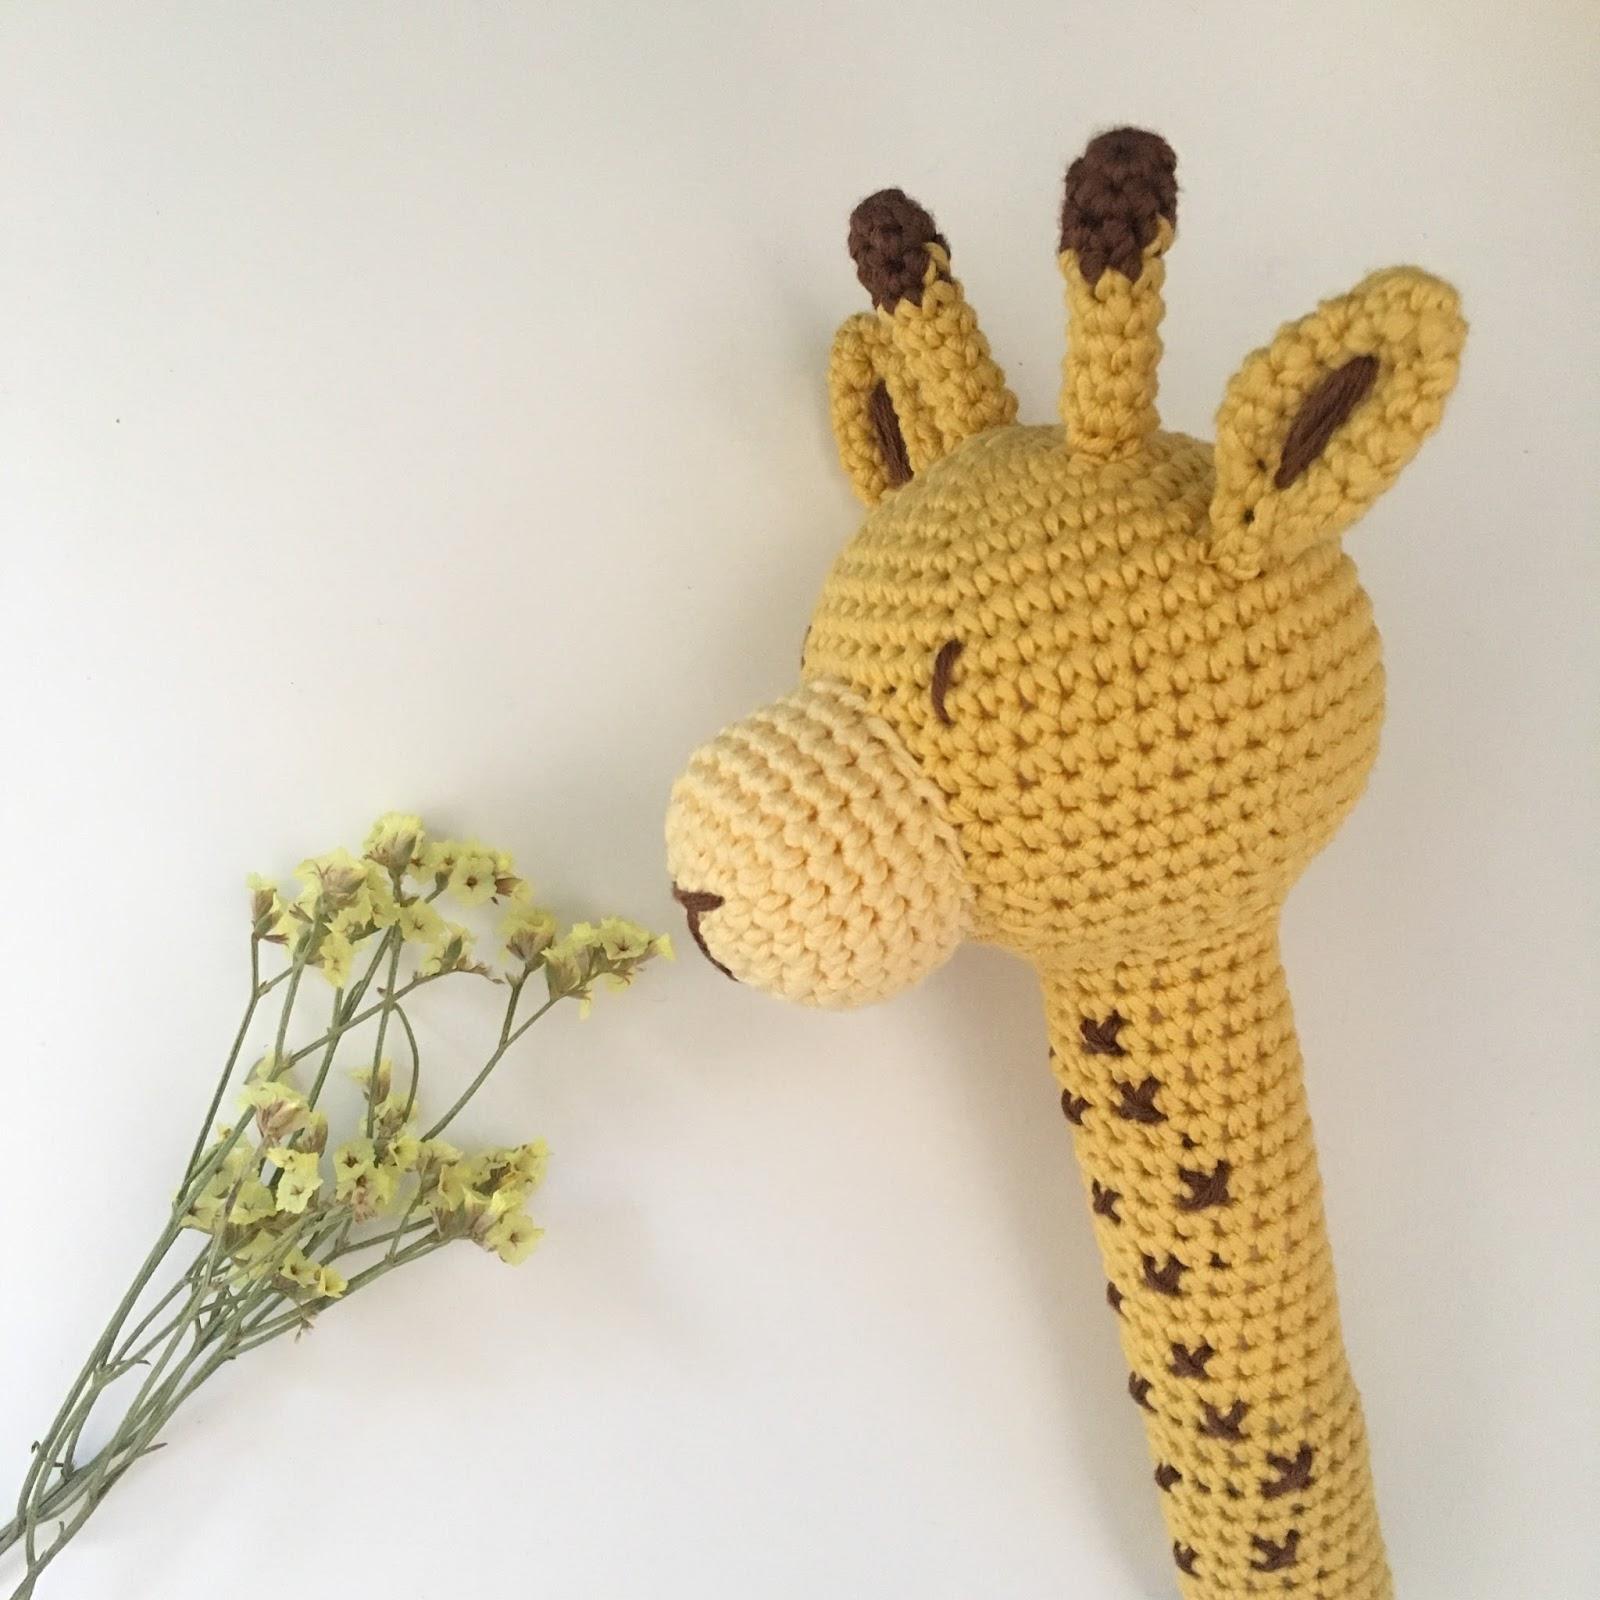 Amigurumi Pattern - Giraffe PDF Crochet Pattern - Tutorial Digital ... | 1600x1600